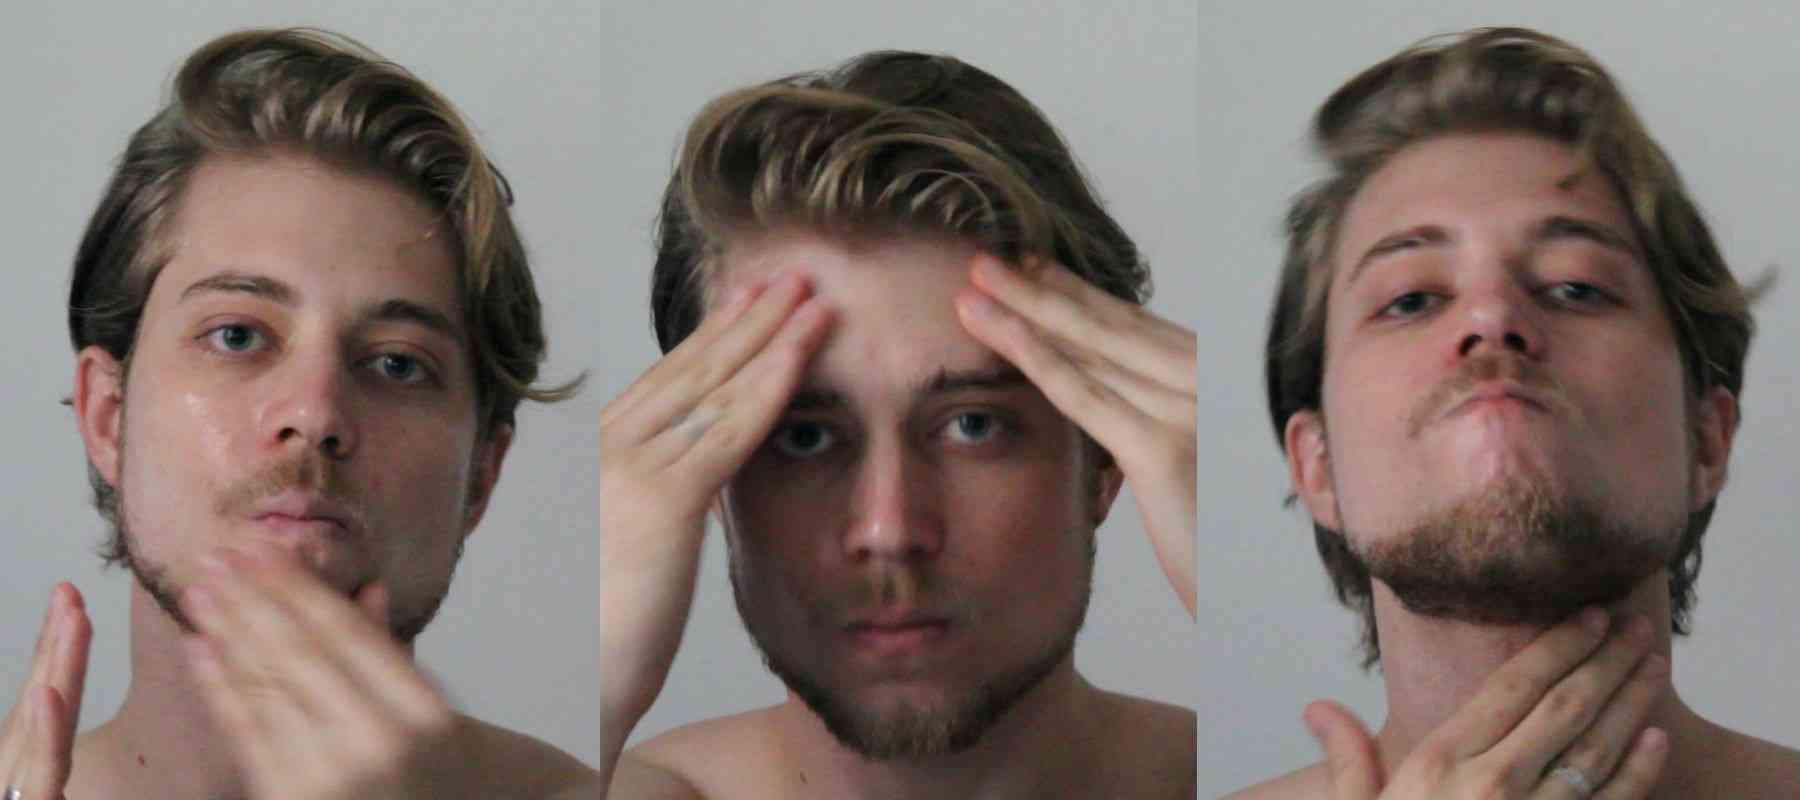 Homem No Espelho - Cuidados masculinos com a pele do rosto